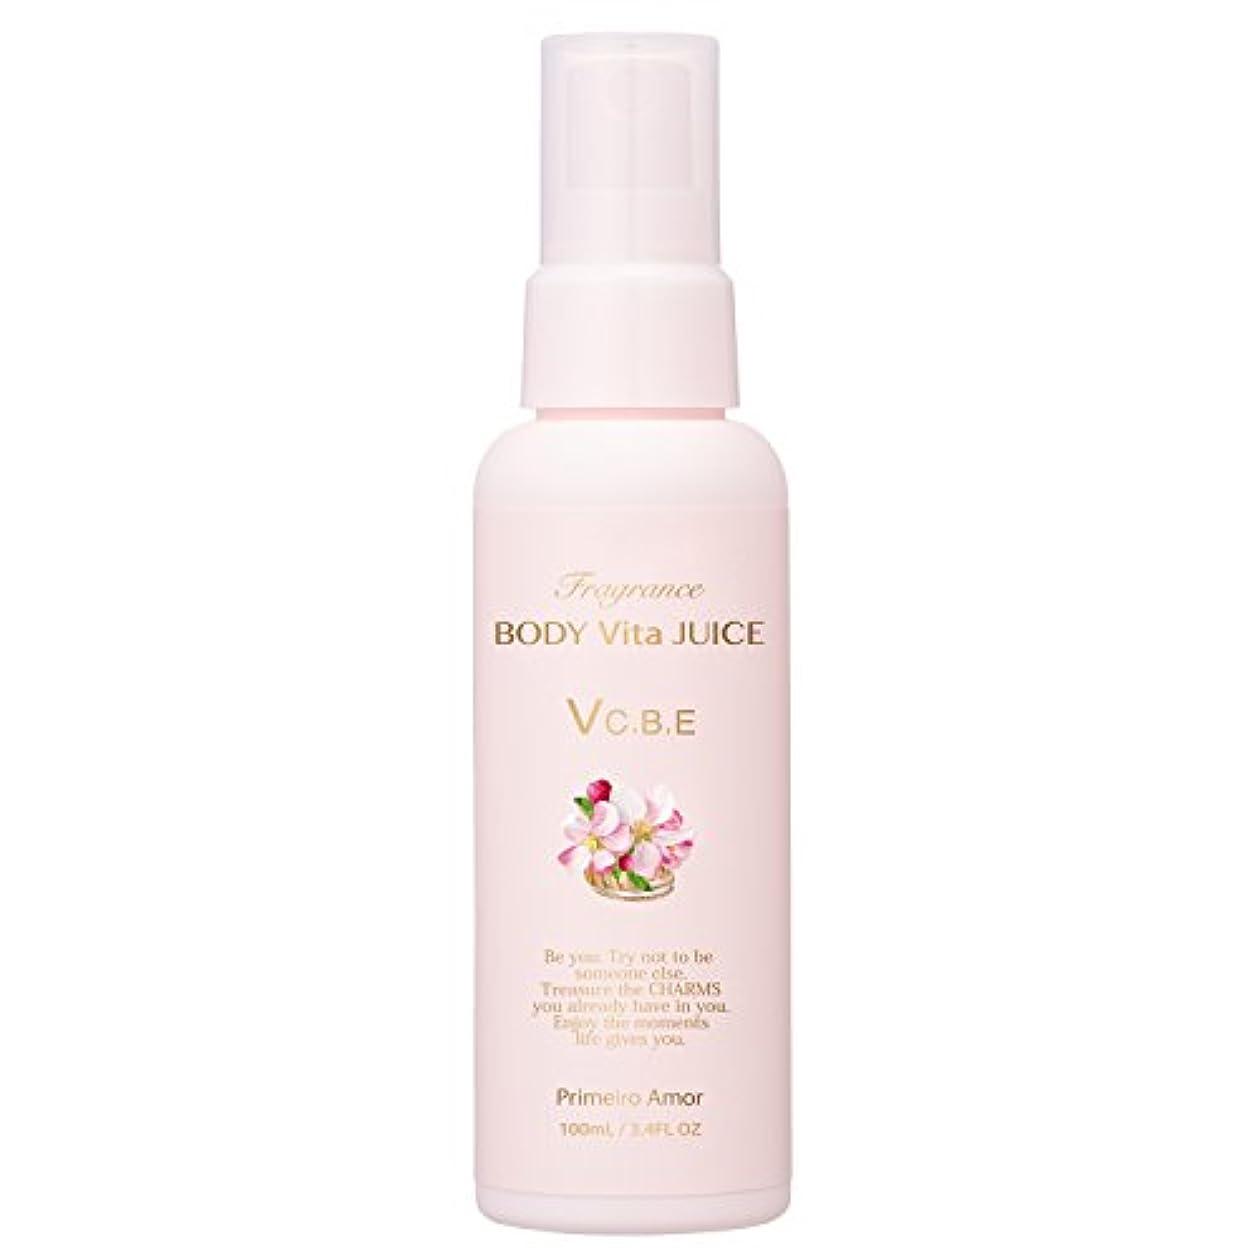 収穫のホストヒョウFERNANDA(フェルナンダ) Body Vita Juice Primeiro Amor(ボディビタジュース プリメイロアモール)